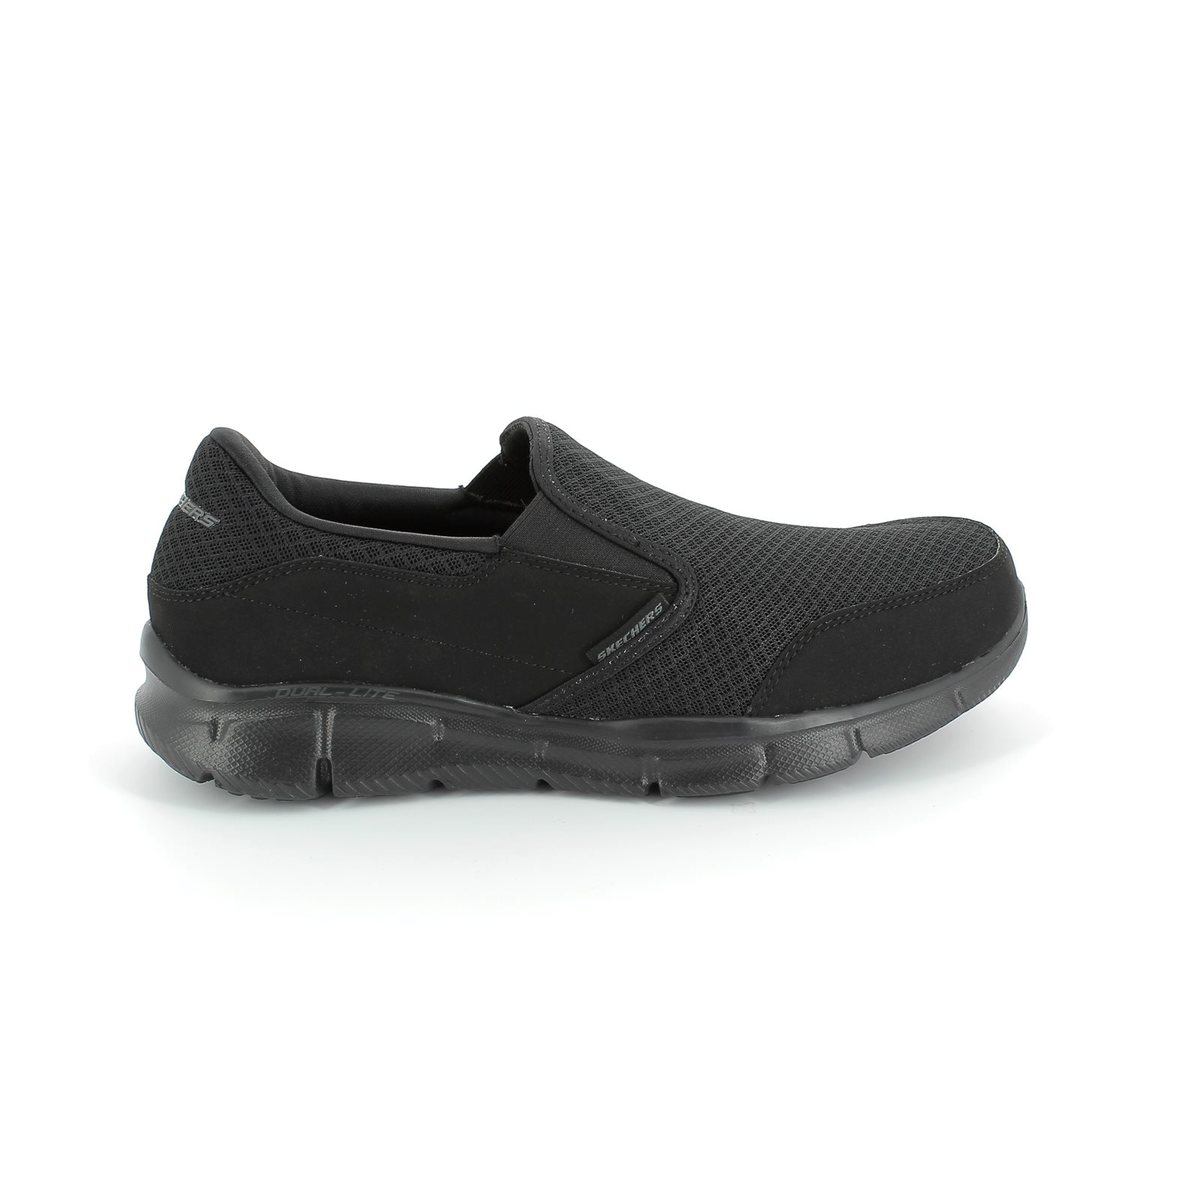 Skechers Persistent 51361 BBK Black